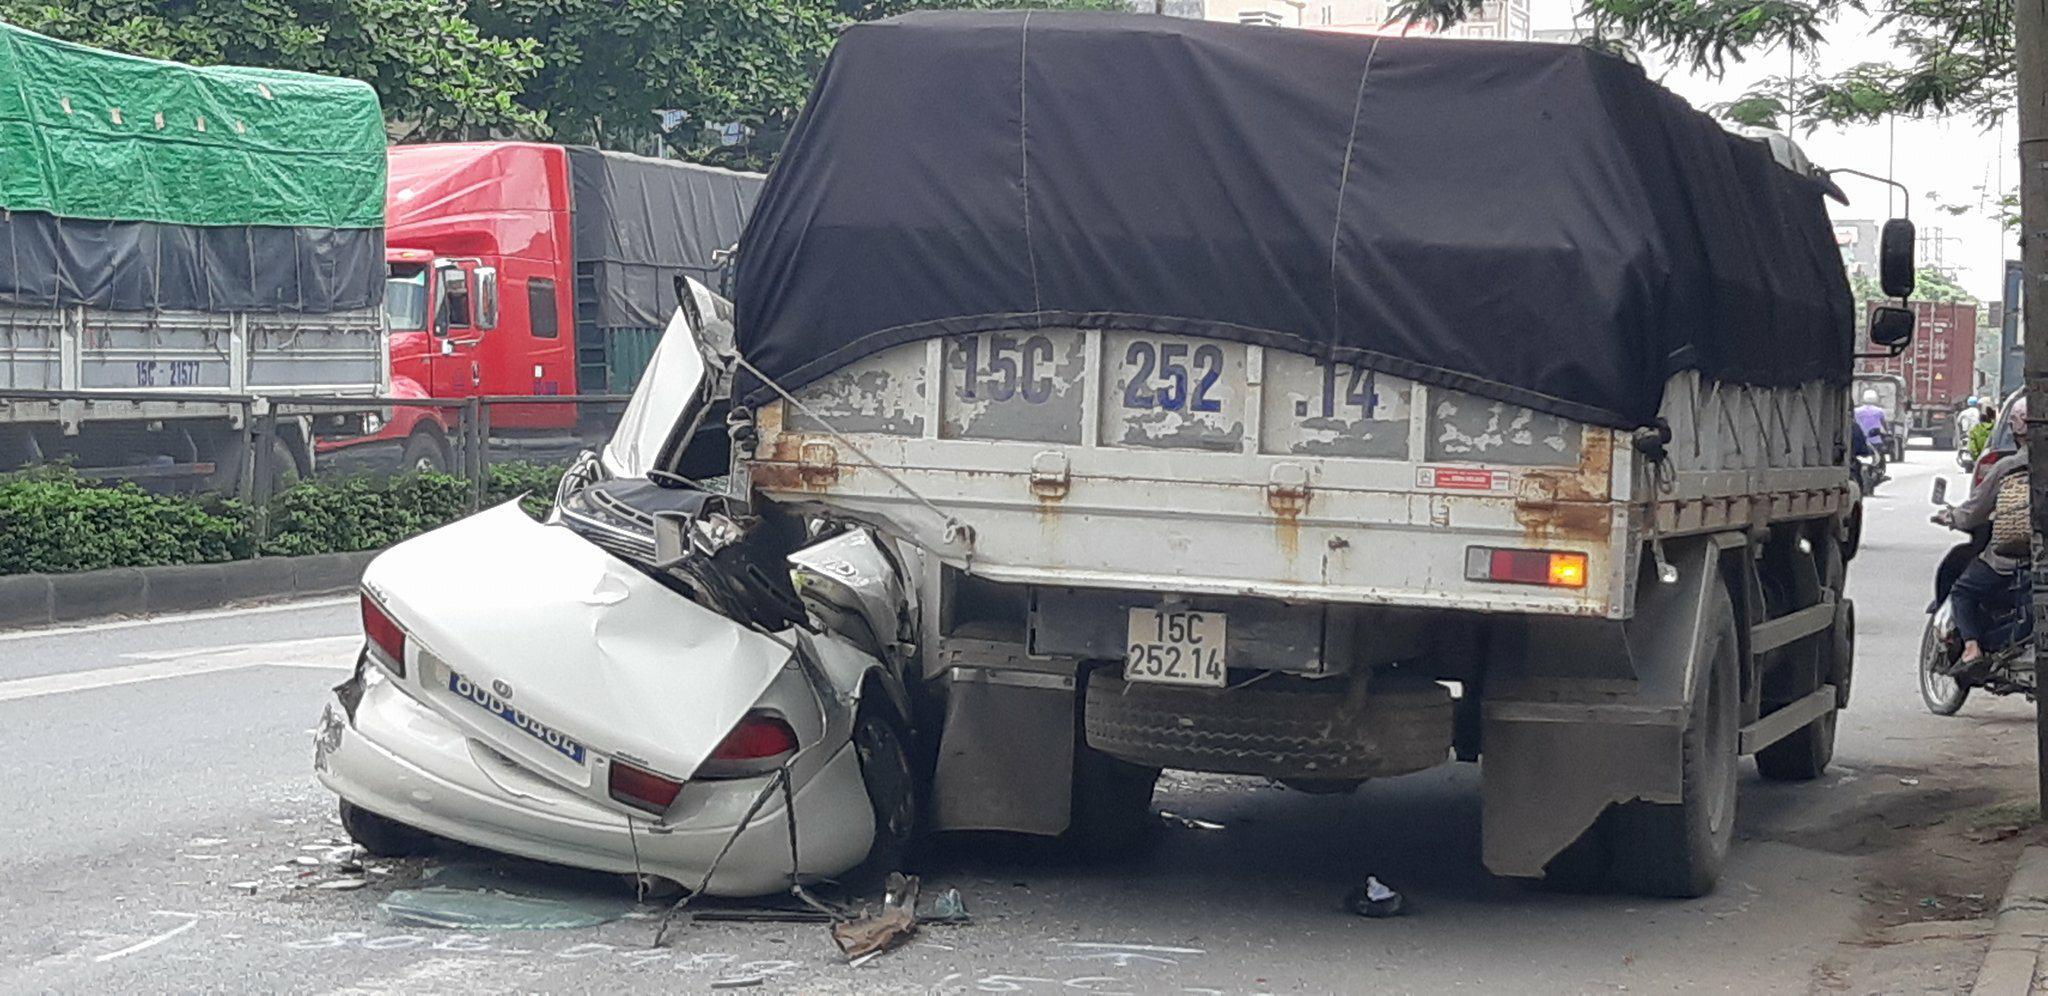 Xe biển xanh bị vò nát giữa xe tải và container, tài xế may mắn thoát chết 3